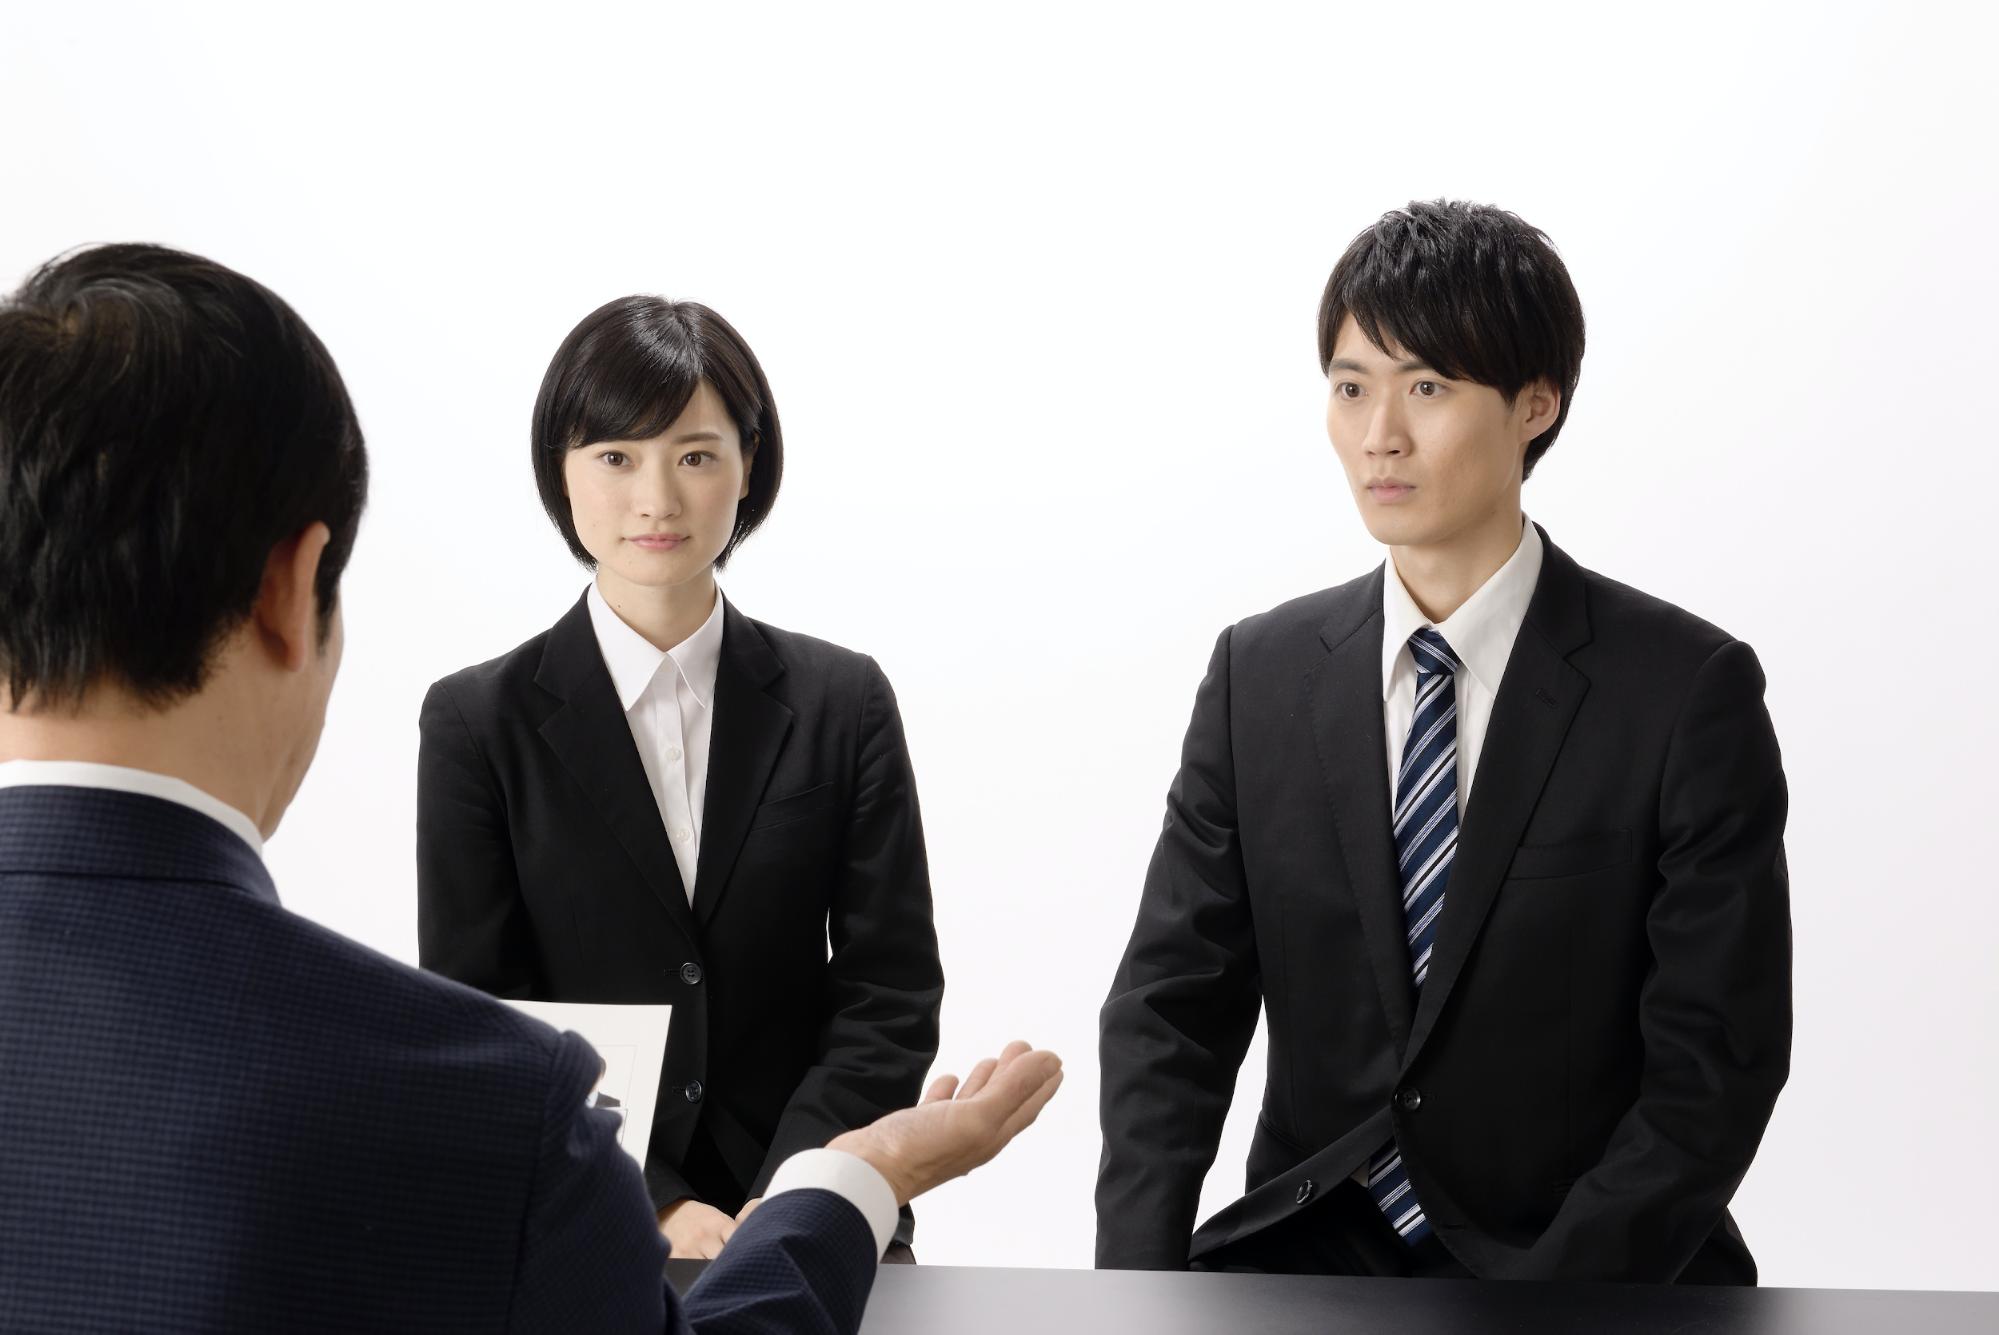 【事例あり】面接で聞いてはいけないこと11項目を紹介!不適切な質問やNG・タブーを解説